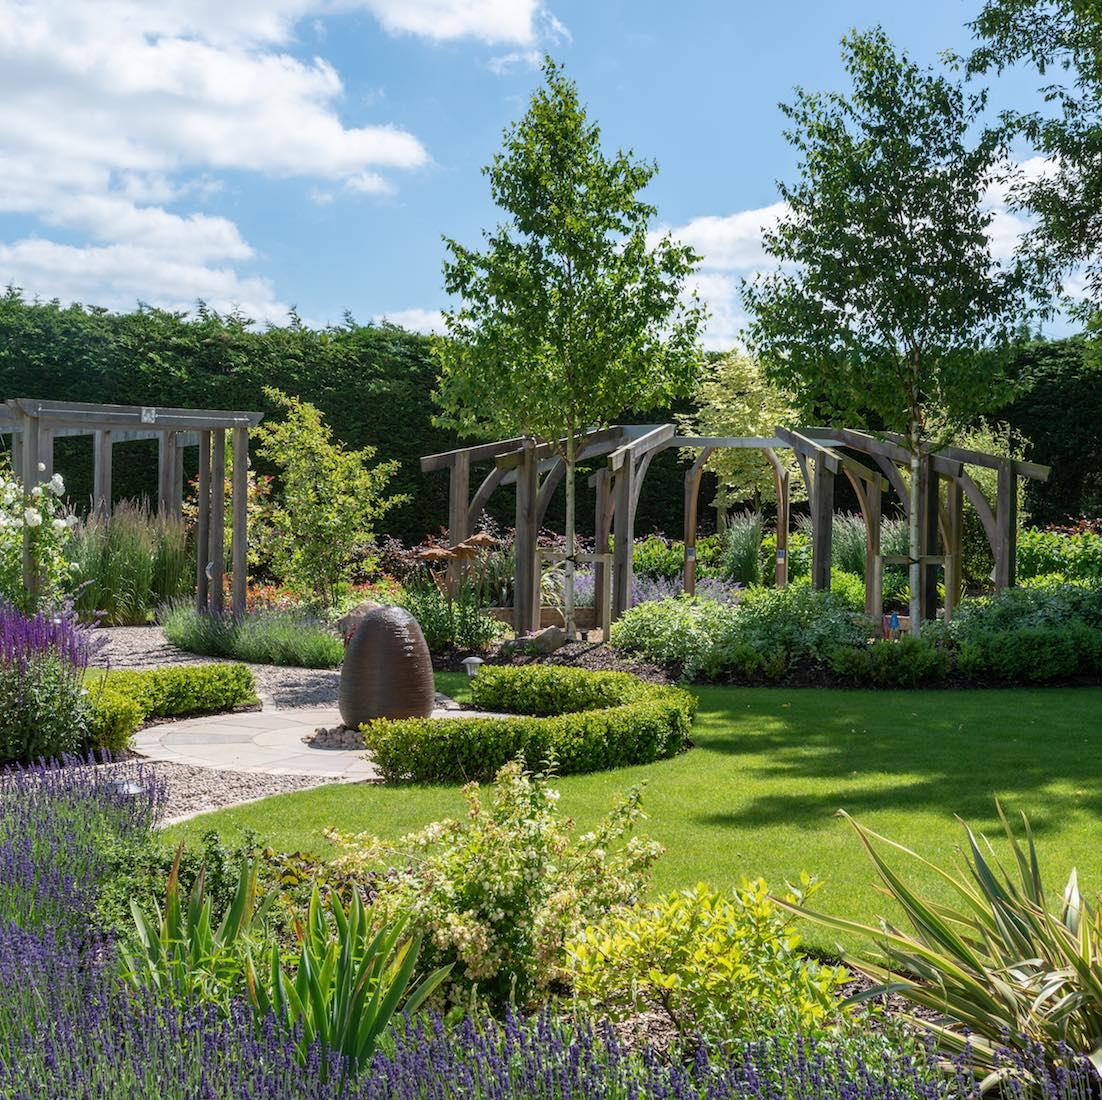 Old Wenden Grange Garden Design and Build, Saffron Walden